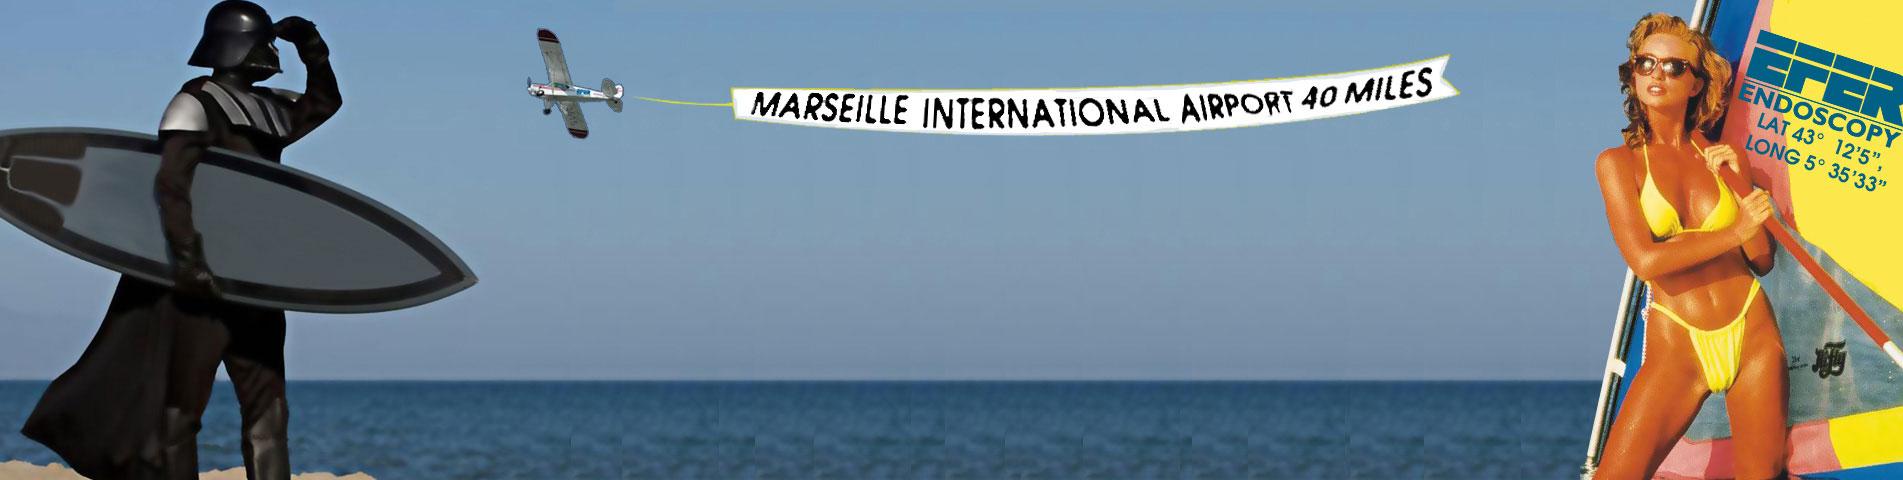 4-marseille-riviera-efer